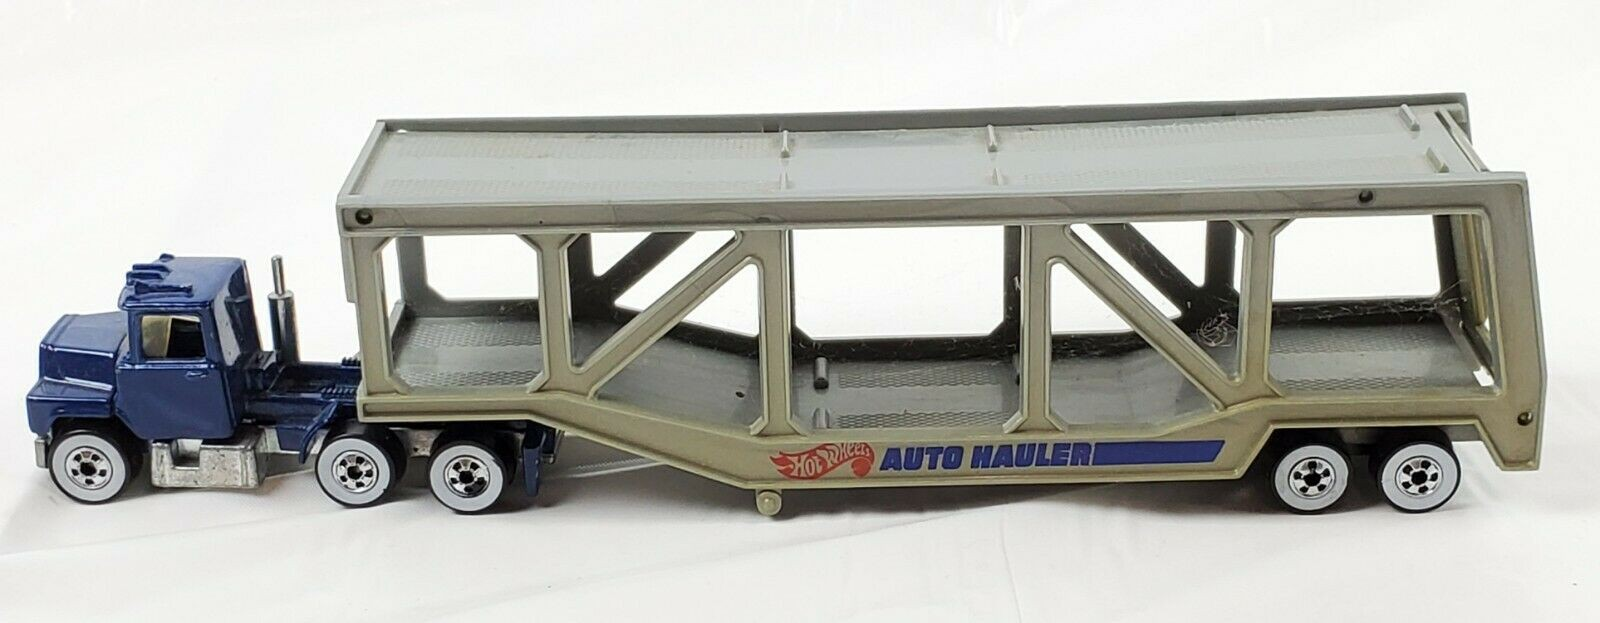 1981 Mack Auto Hauler Hot Wheels